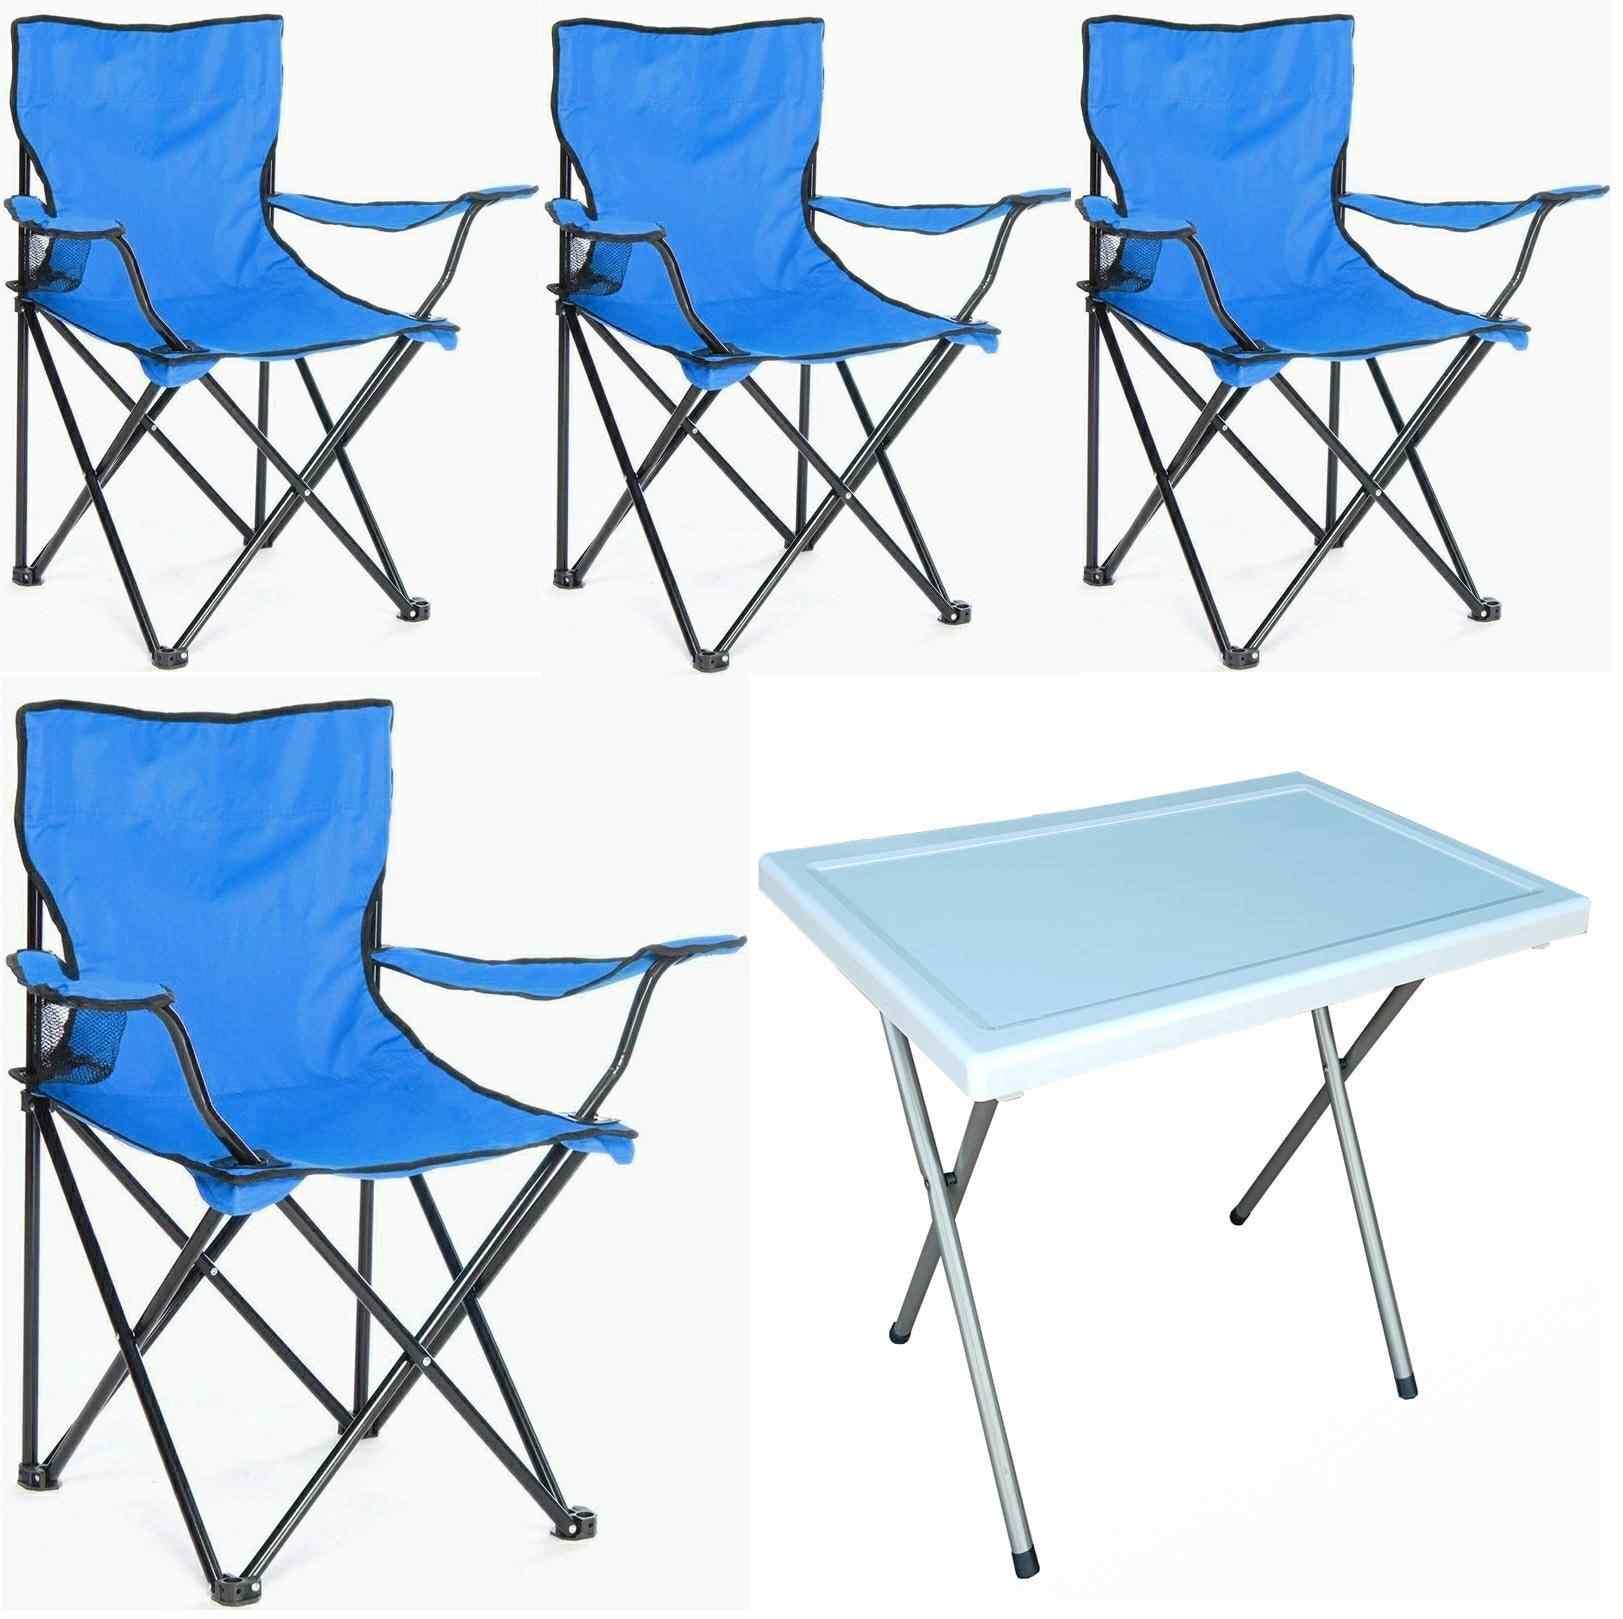 Beco Katlanabilir Kamp Sandalyesi Koltuk ve Masa Seti Mavi 4+1